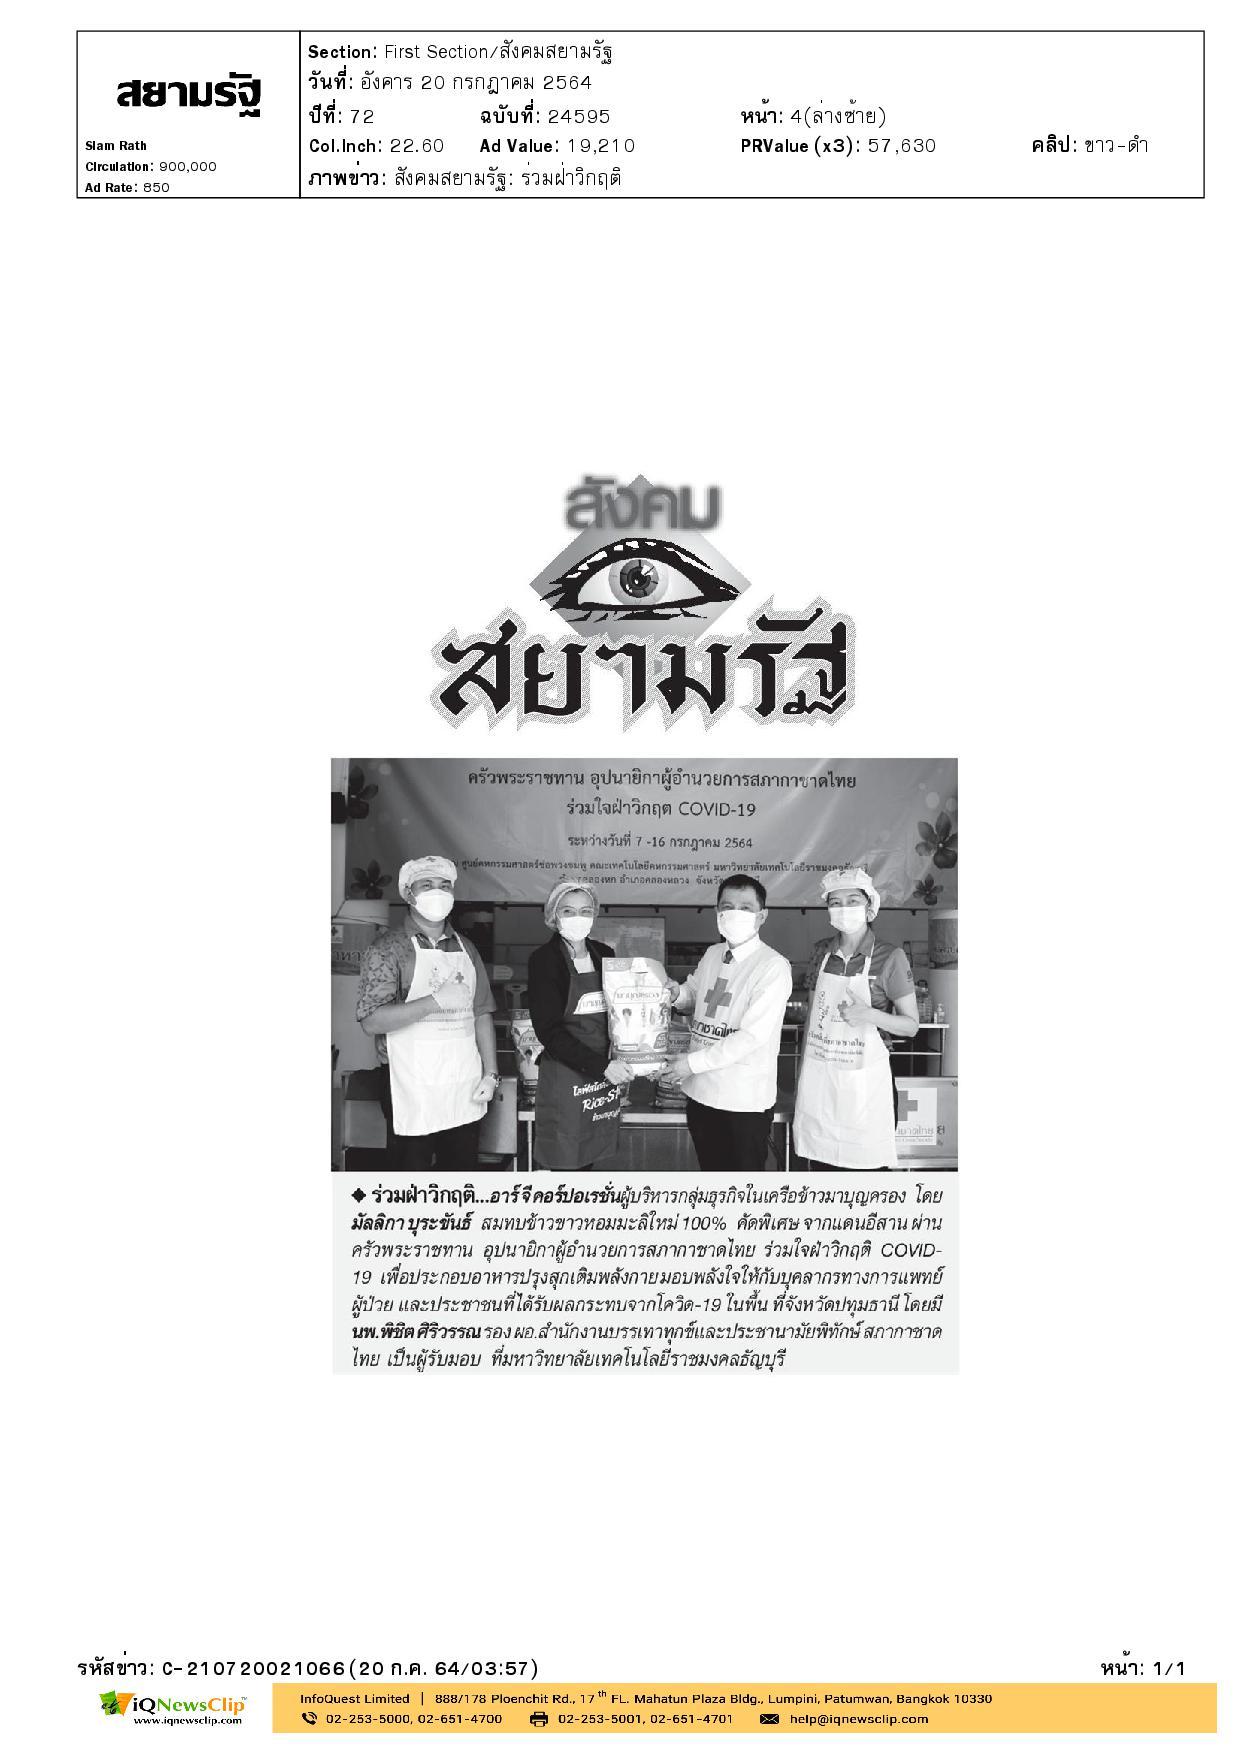 รับมอบข้าวหอมมะลิจาก กลุ่มธุรกิจในเครือข้าว มาบุญครอง ผ่านครัวพระราชทาน อุปนายิกาผู้อำนวยการสภากาชาดไทย